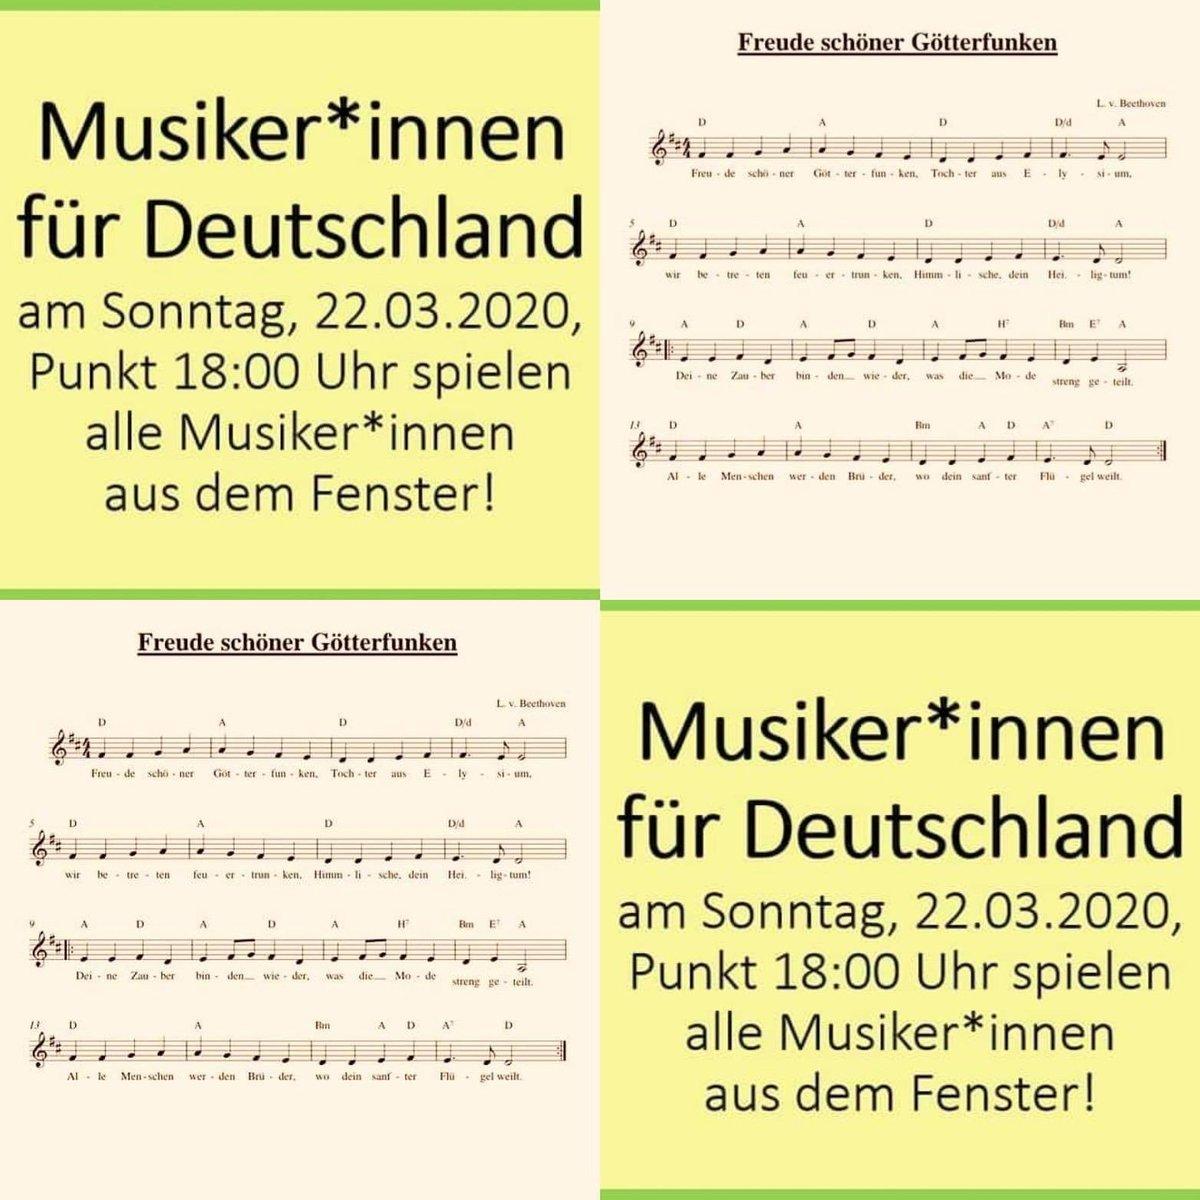 #musikfuerdeutschland